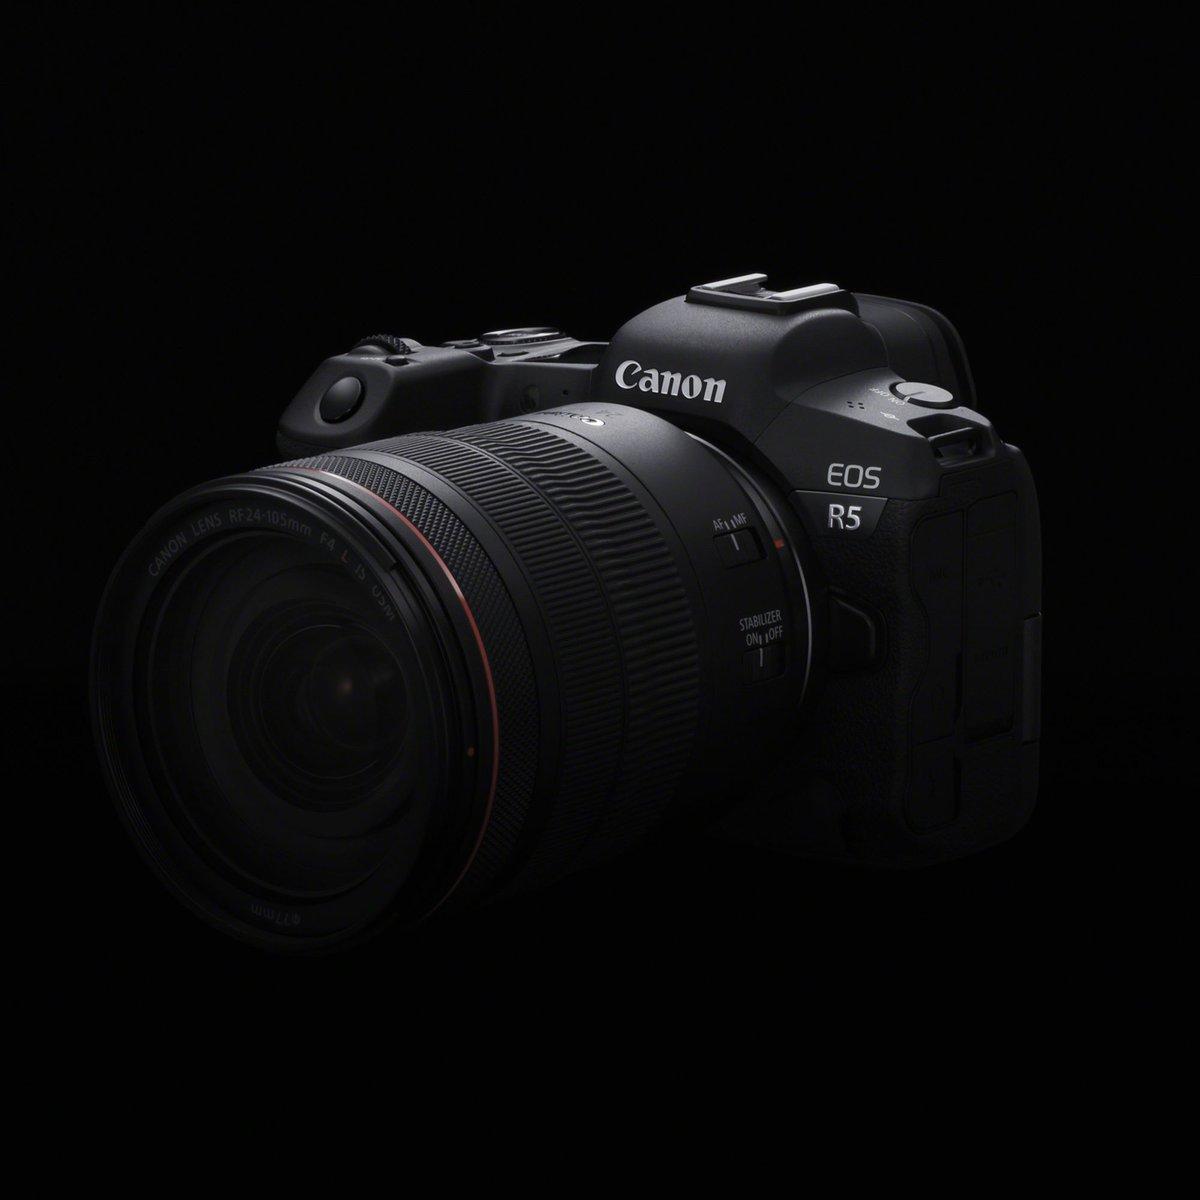 Canon EOS R5 mirrorless camera price: €4,338?  https://photorumors.com/2020/05/30/canon-eos-r5-mirrorless-camera-price-e4338/…  #Canon #CanonEOS #CanonEOSR5 #CanonR5pic.twitter.com/swkW6RrXCD